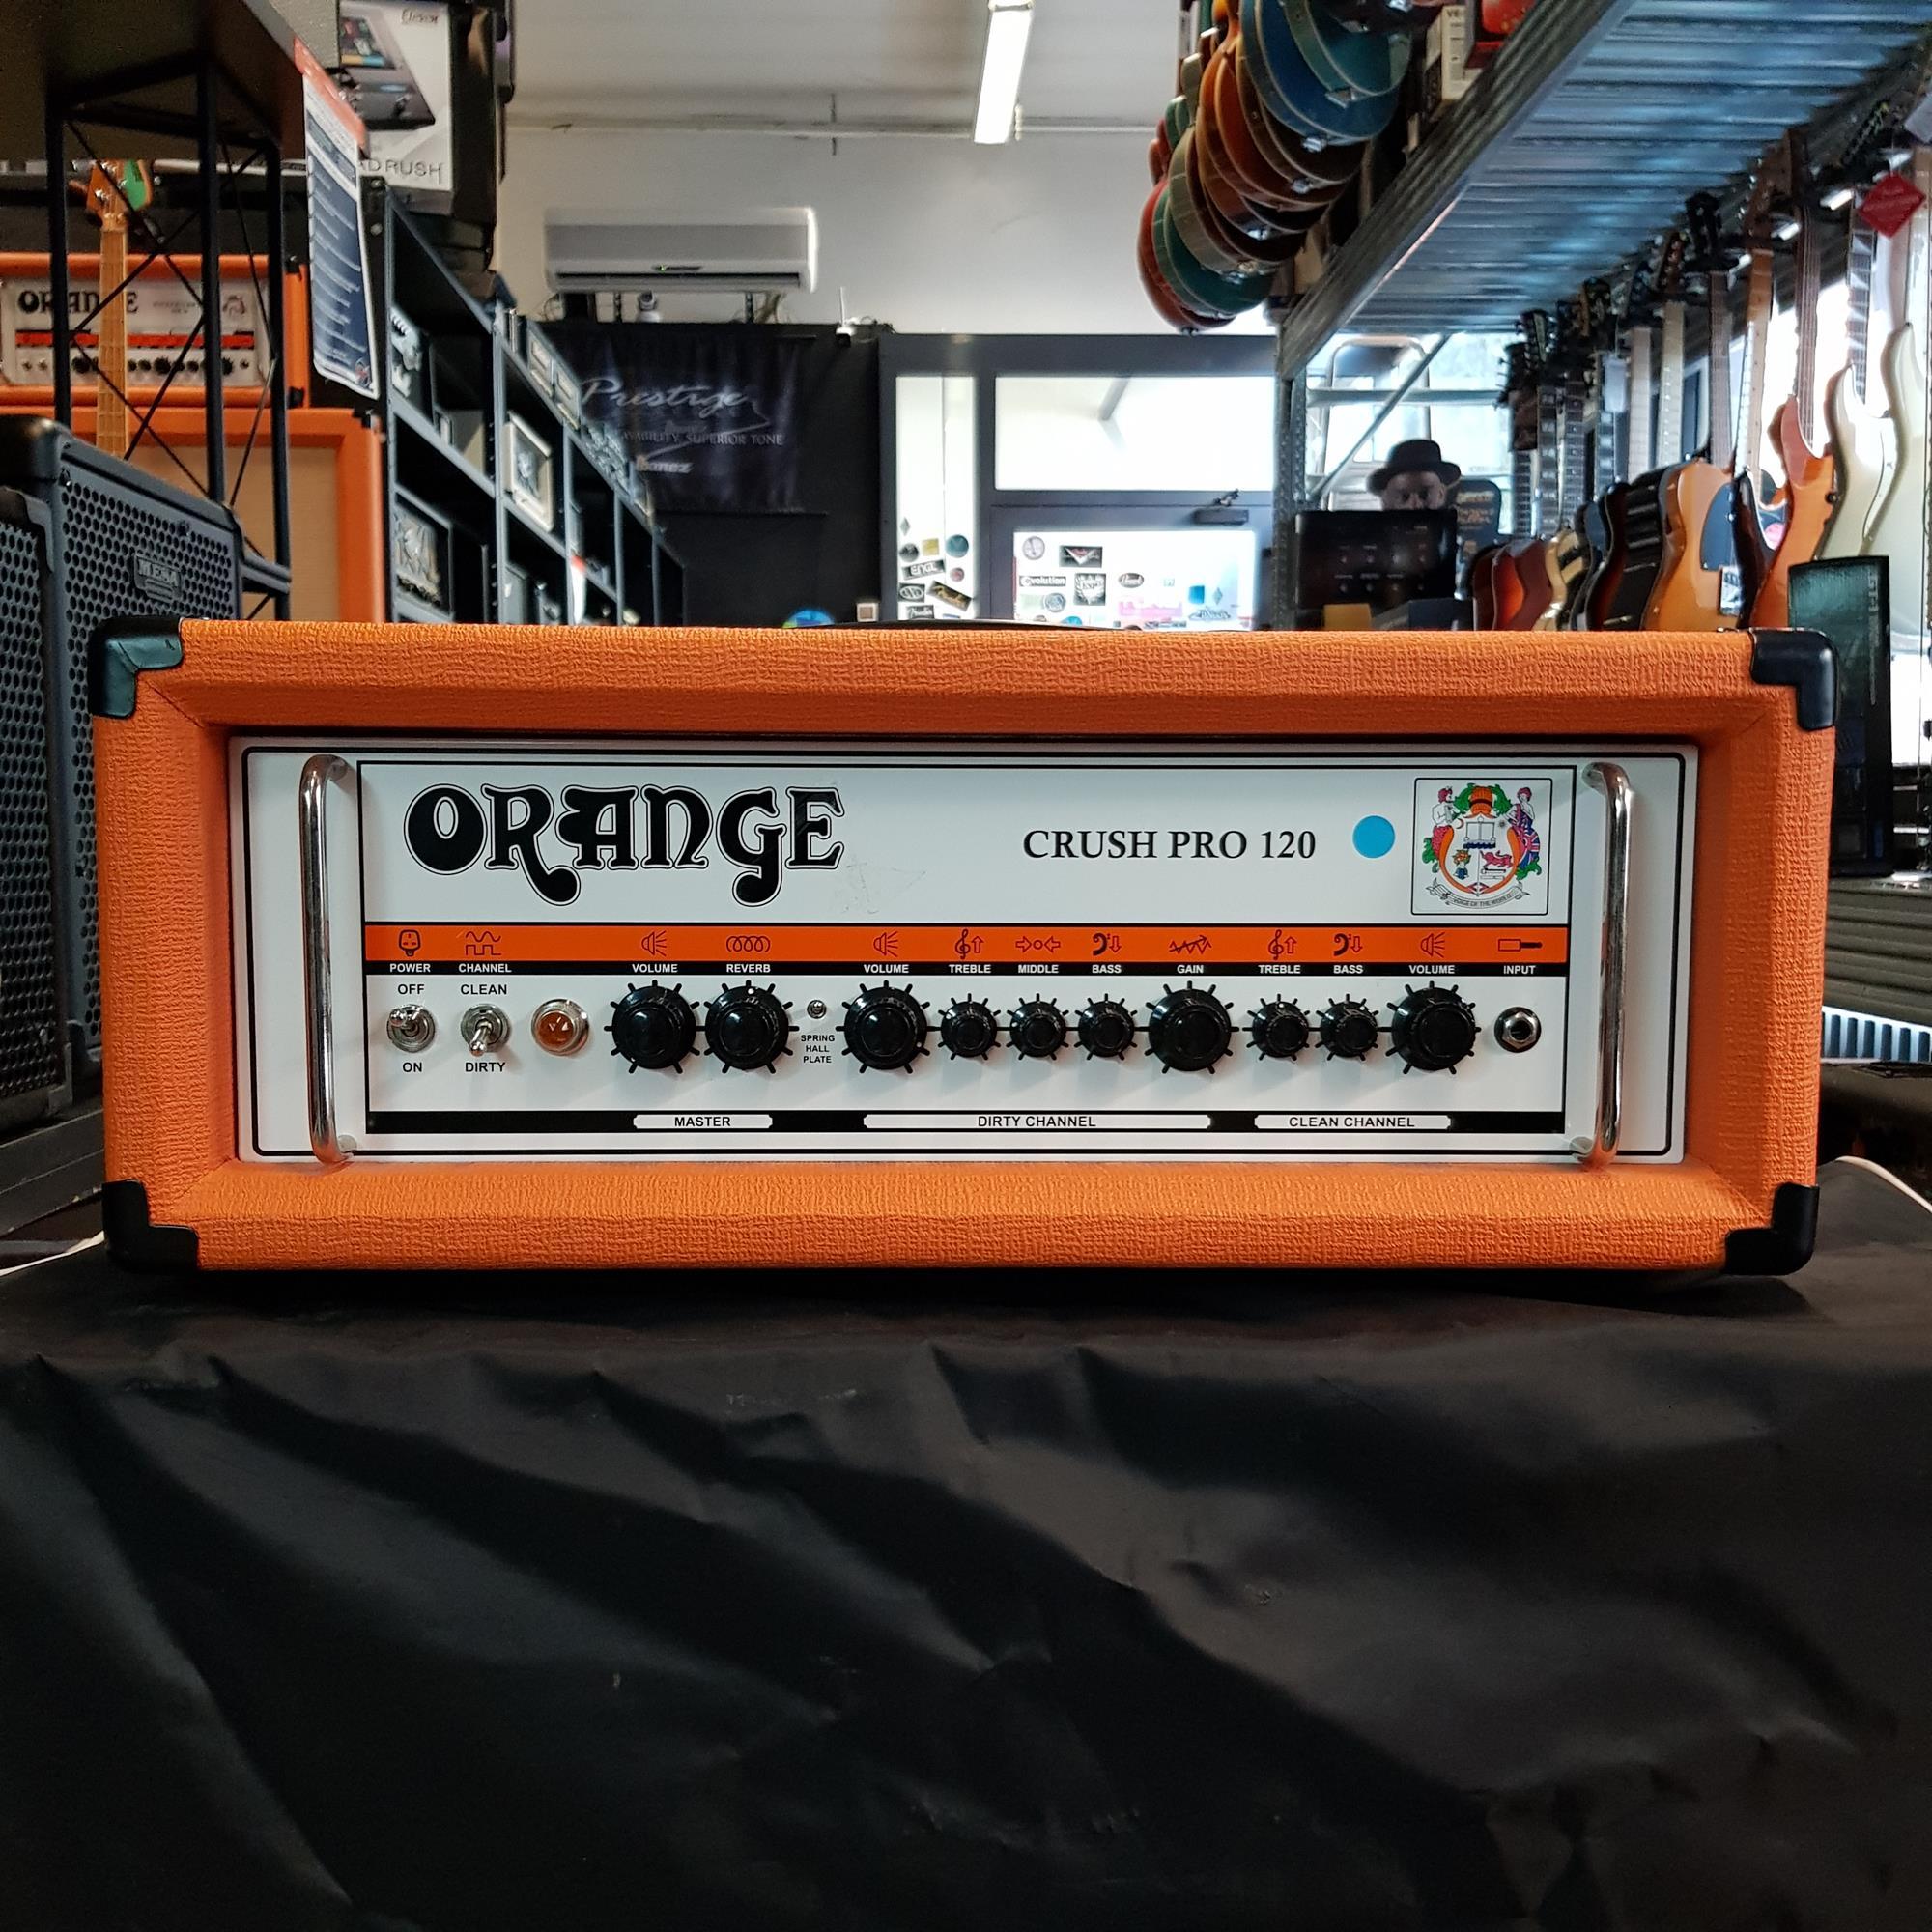 ORANGE-CRUSH-PRO-120-sku-1630750273562